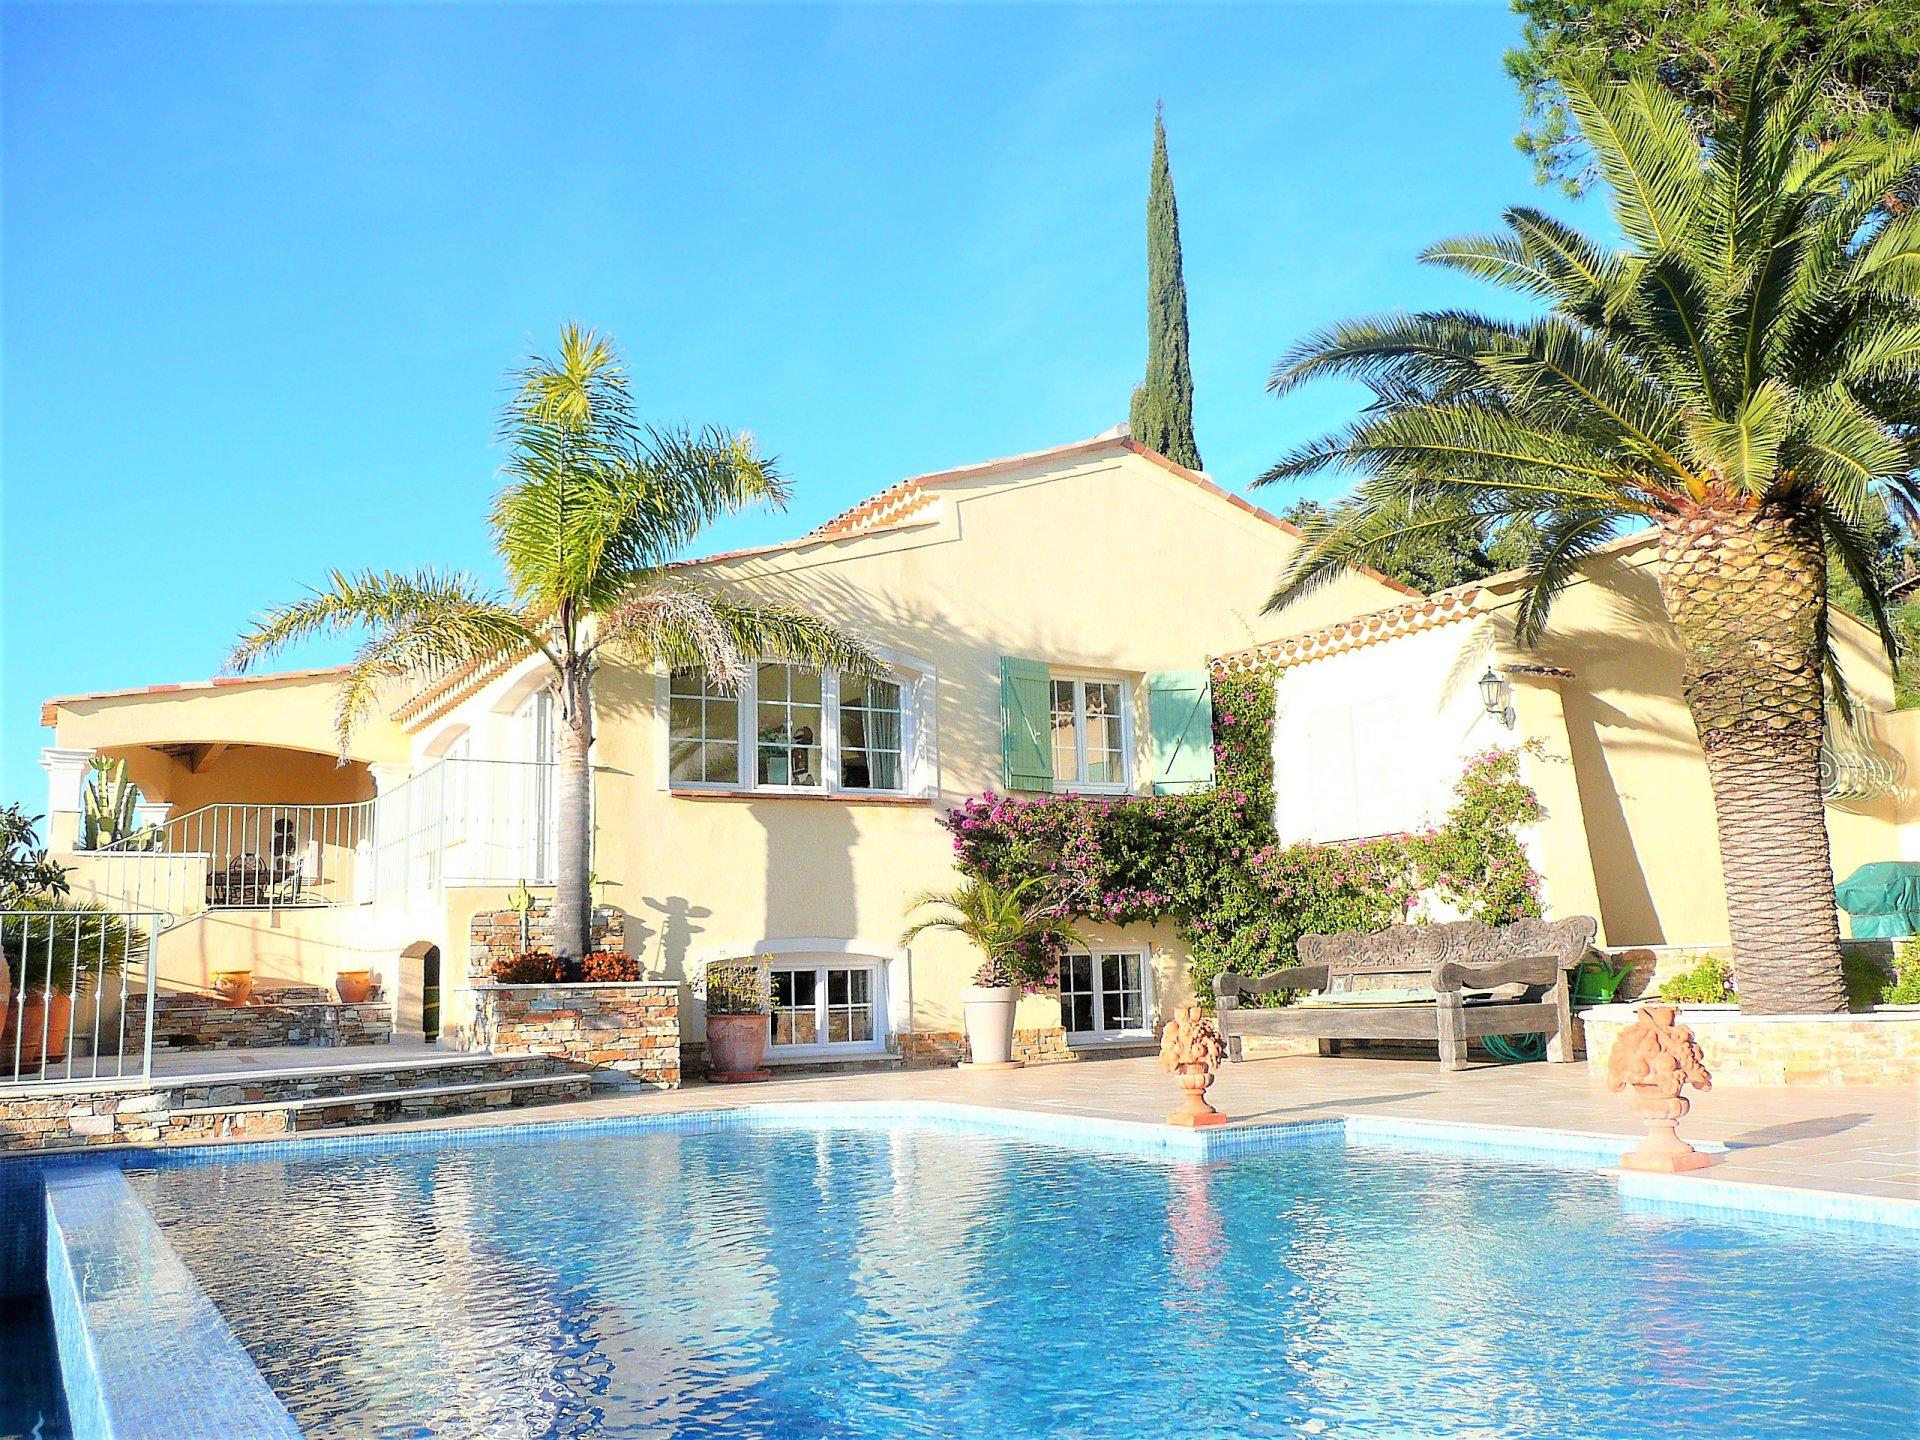 Villa te koop Les Issambres, panoramisch zeezicht, in uitstekende staat